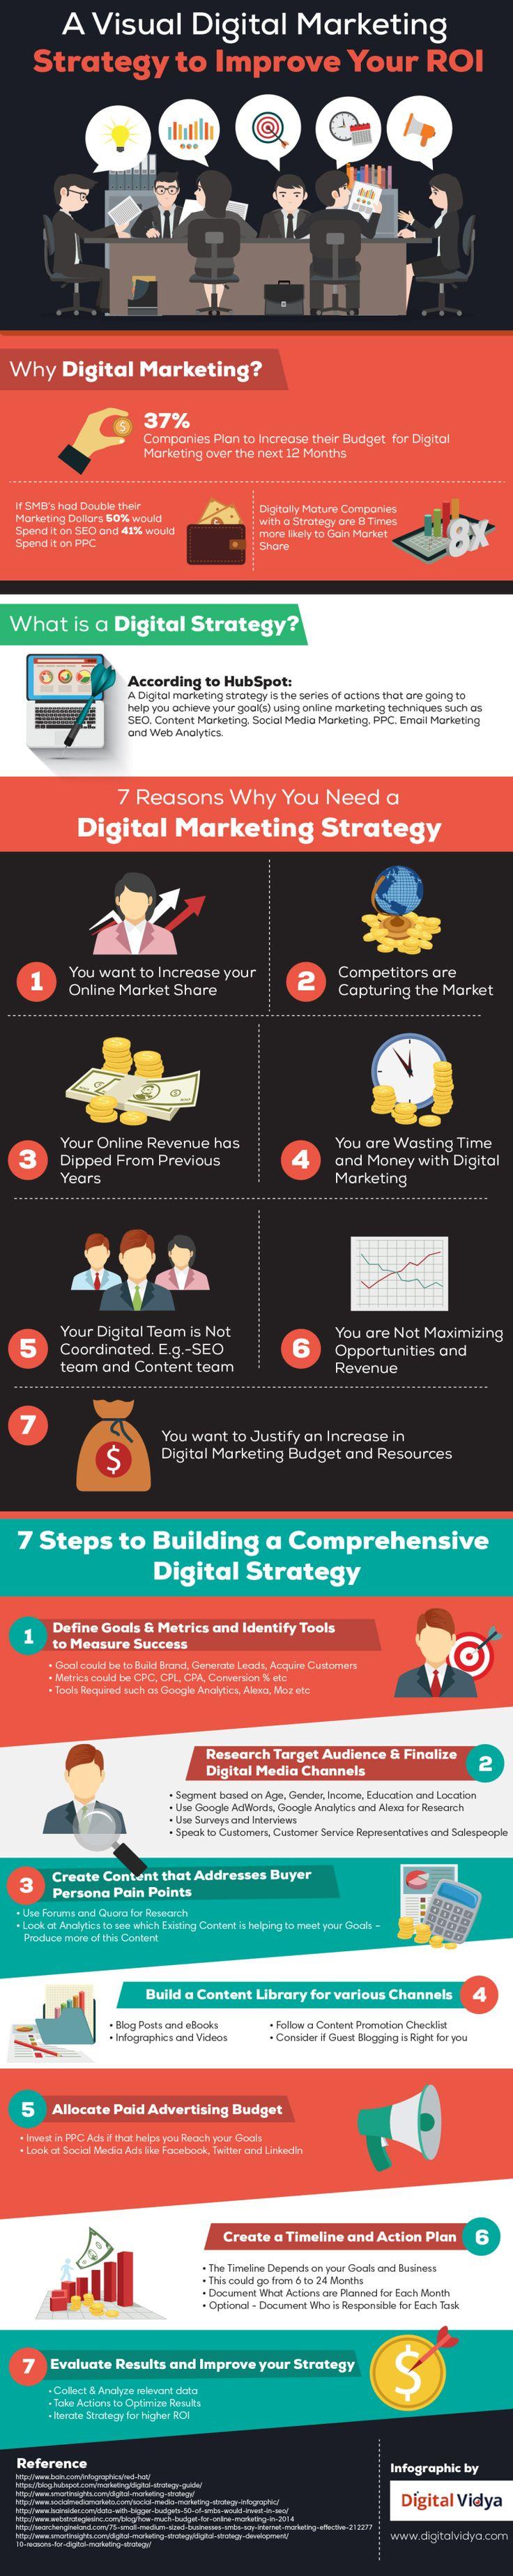 Creating a b2b digital marketing plan for 2017 infographic smart - Top 25 Best Digital Marketing Plan Ideas On Pinterest Digital Marketing Strategy Digital Strategy And Strategic Marketing Plan